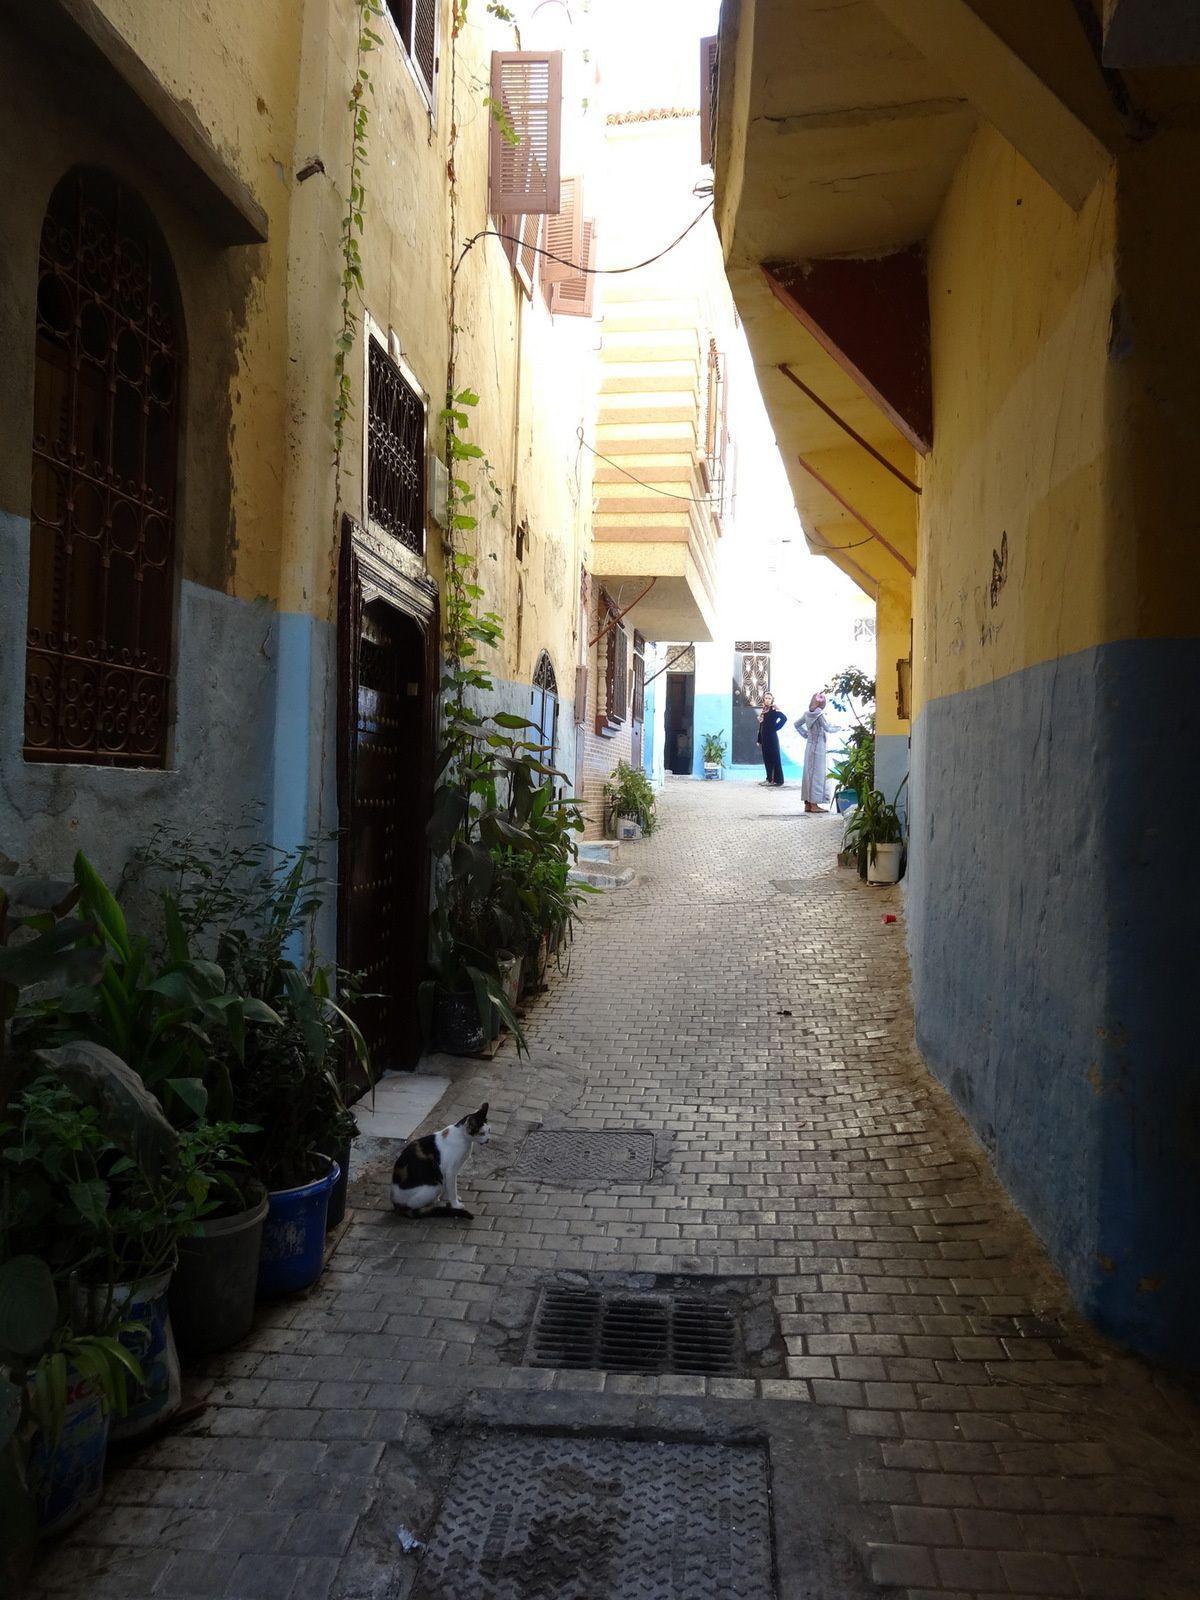 Image de la Médina de Tanger : le chat dans la ruelle